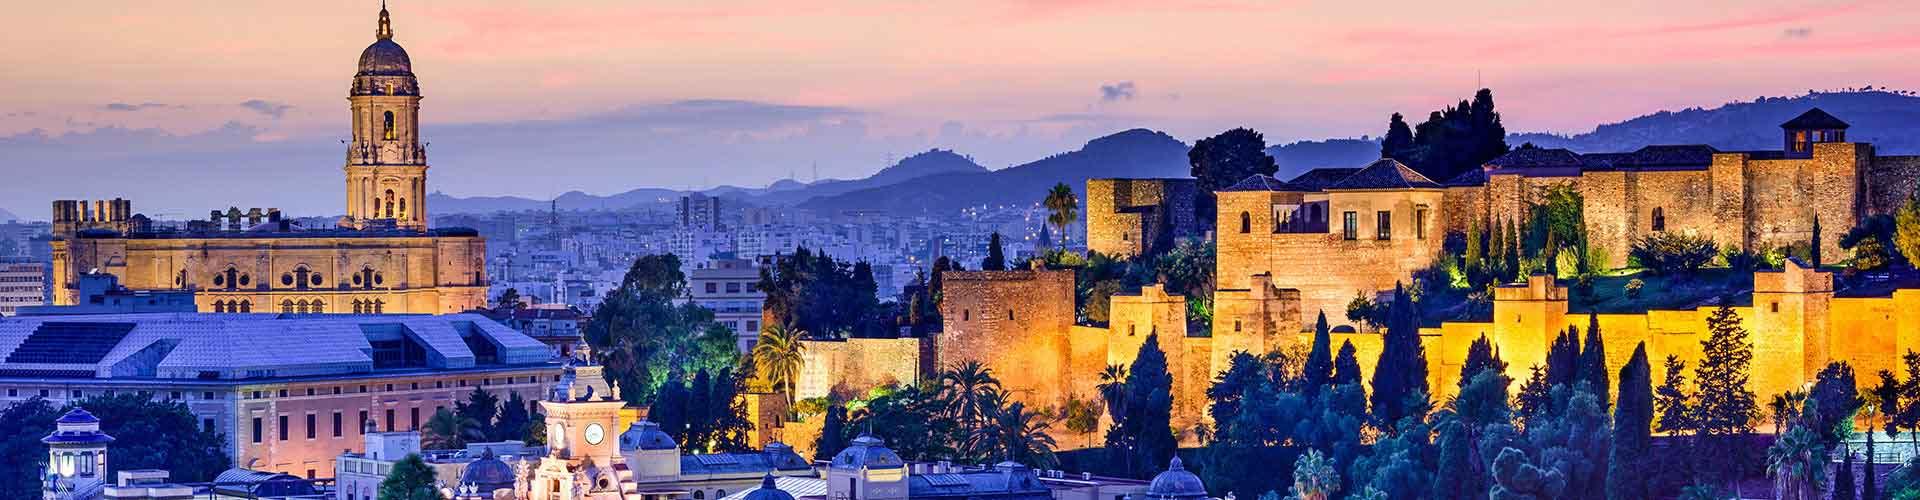 Malaga – Camere a Malaga. Mappe per Malaga, Foto e  Recensioni per ogni Camera a Malaga.